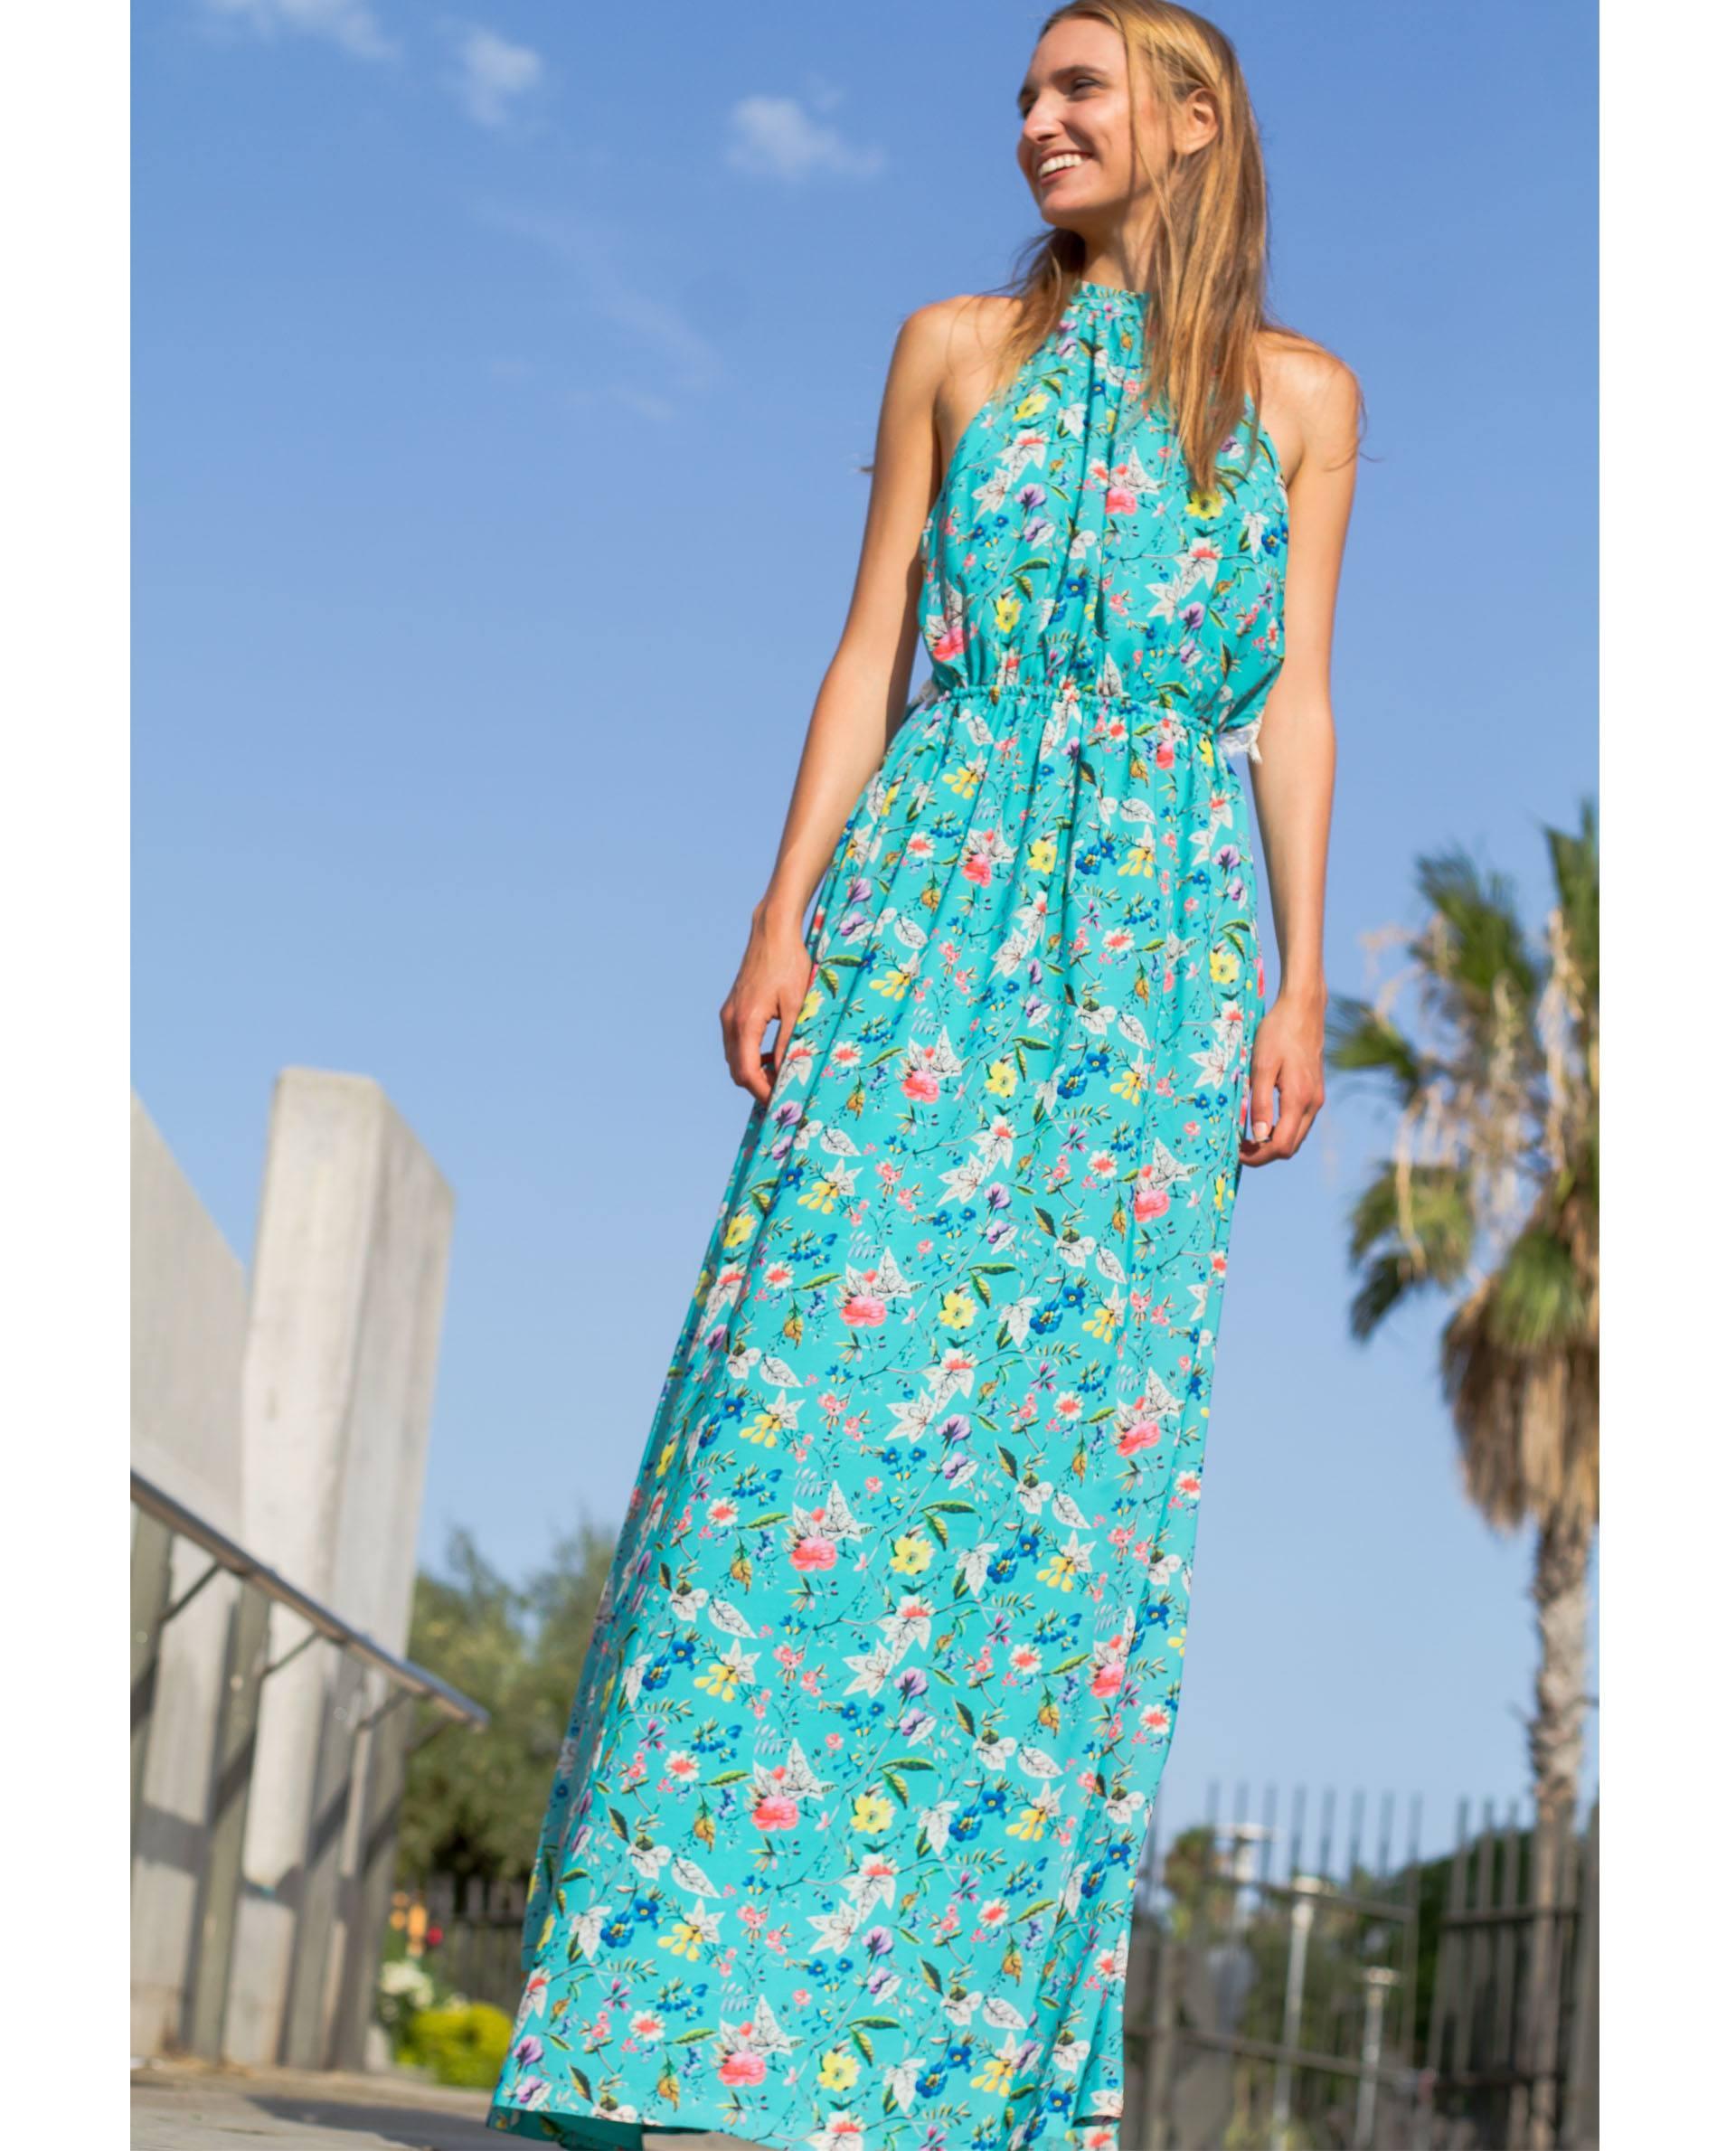 PRÊT À PORTER-SPRING/SUMMER 2018 - VESTIDOS - Maxi vestido Petra de georgette con estampado floral